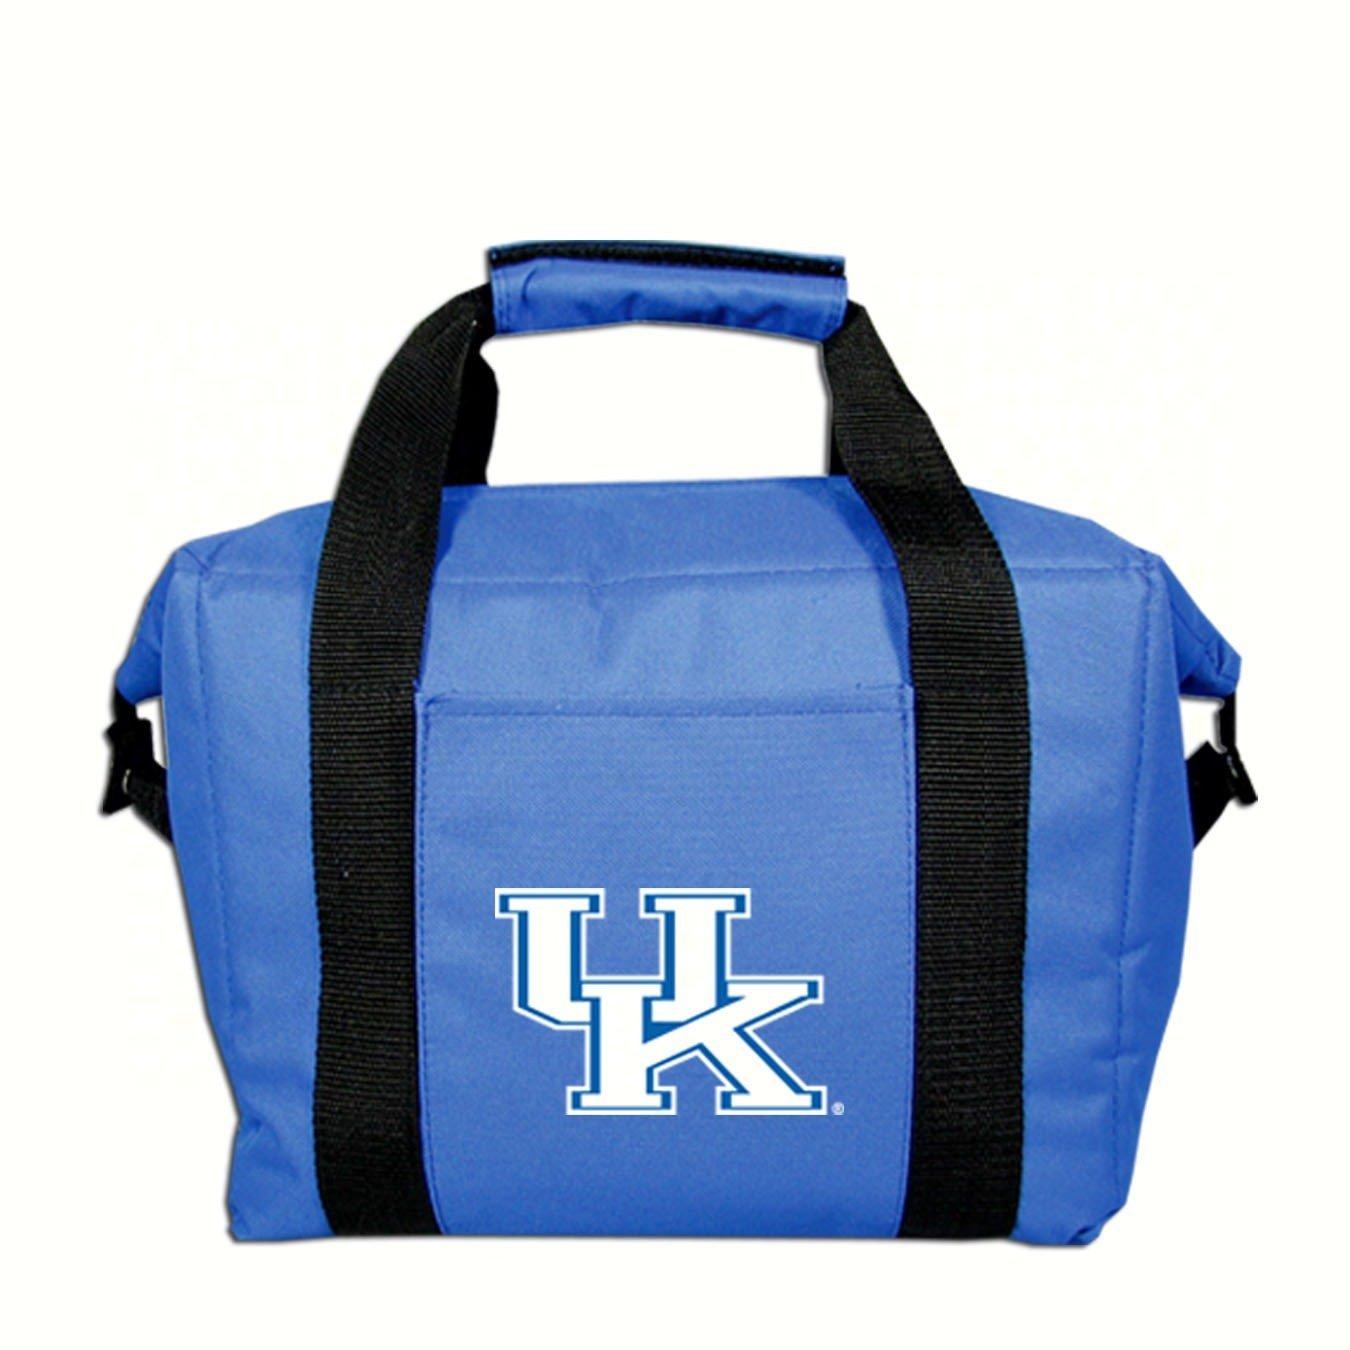 Kooler Bag Kentucky Wildcats (Holds a 12 pack